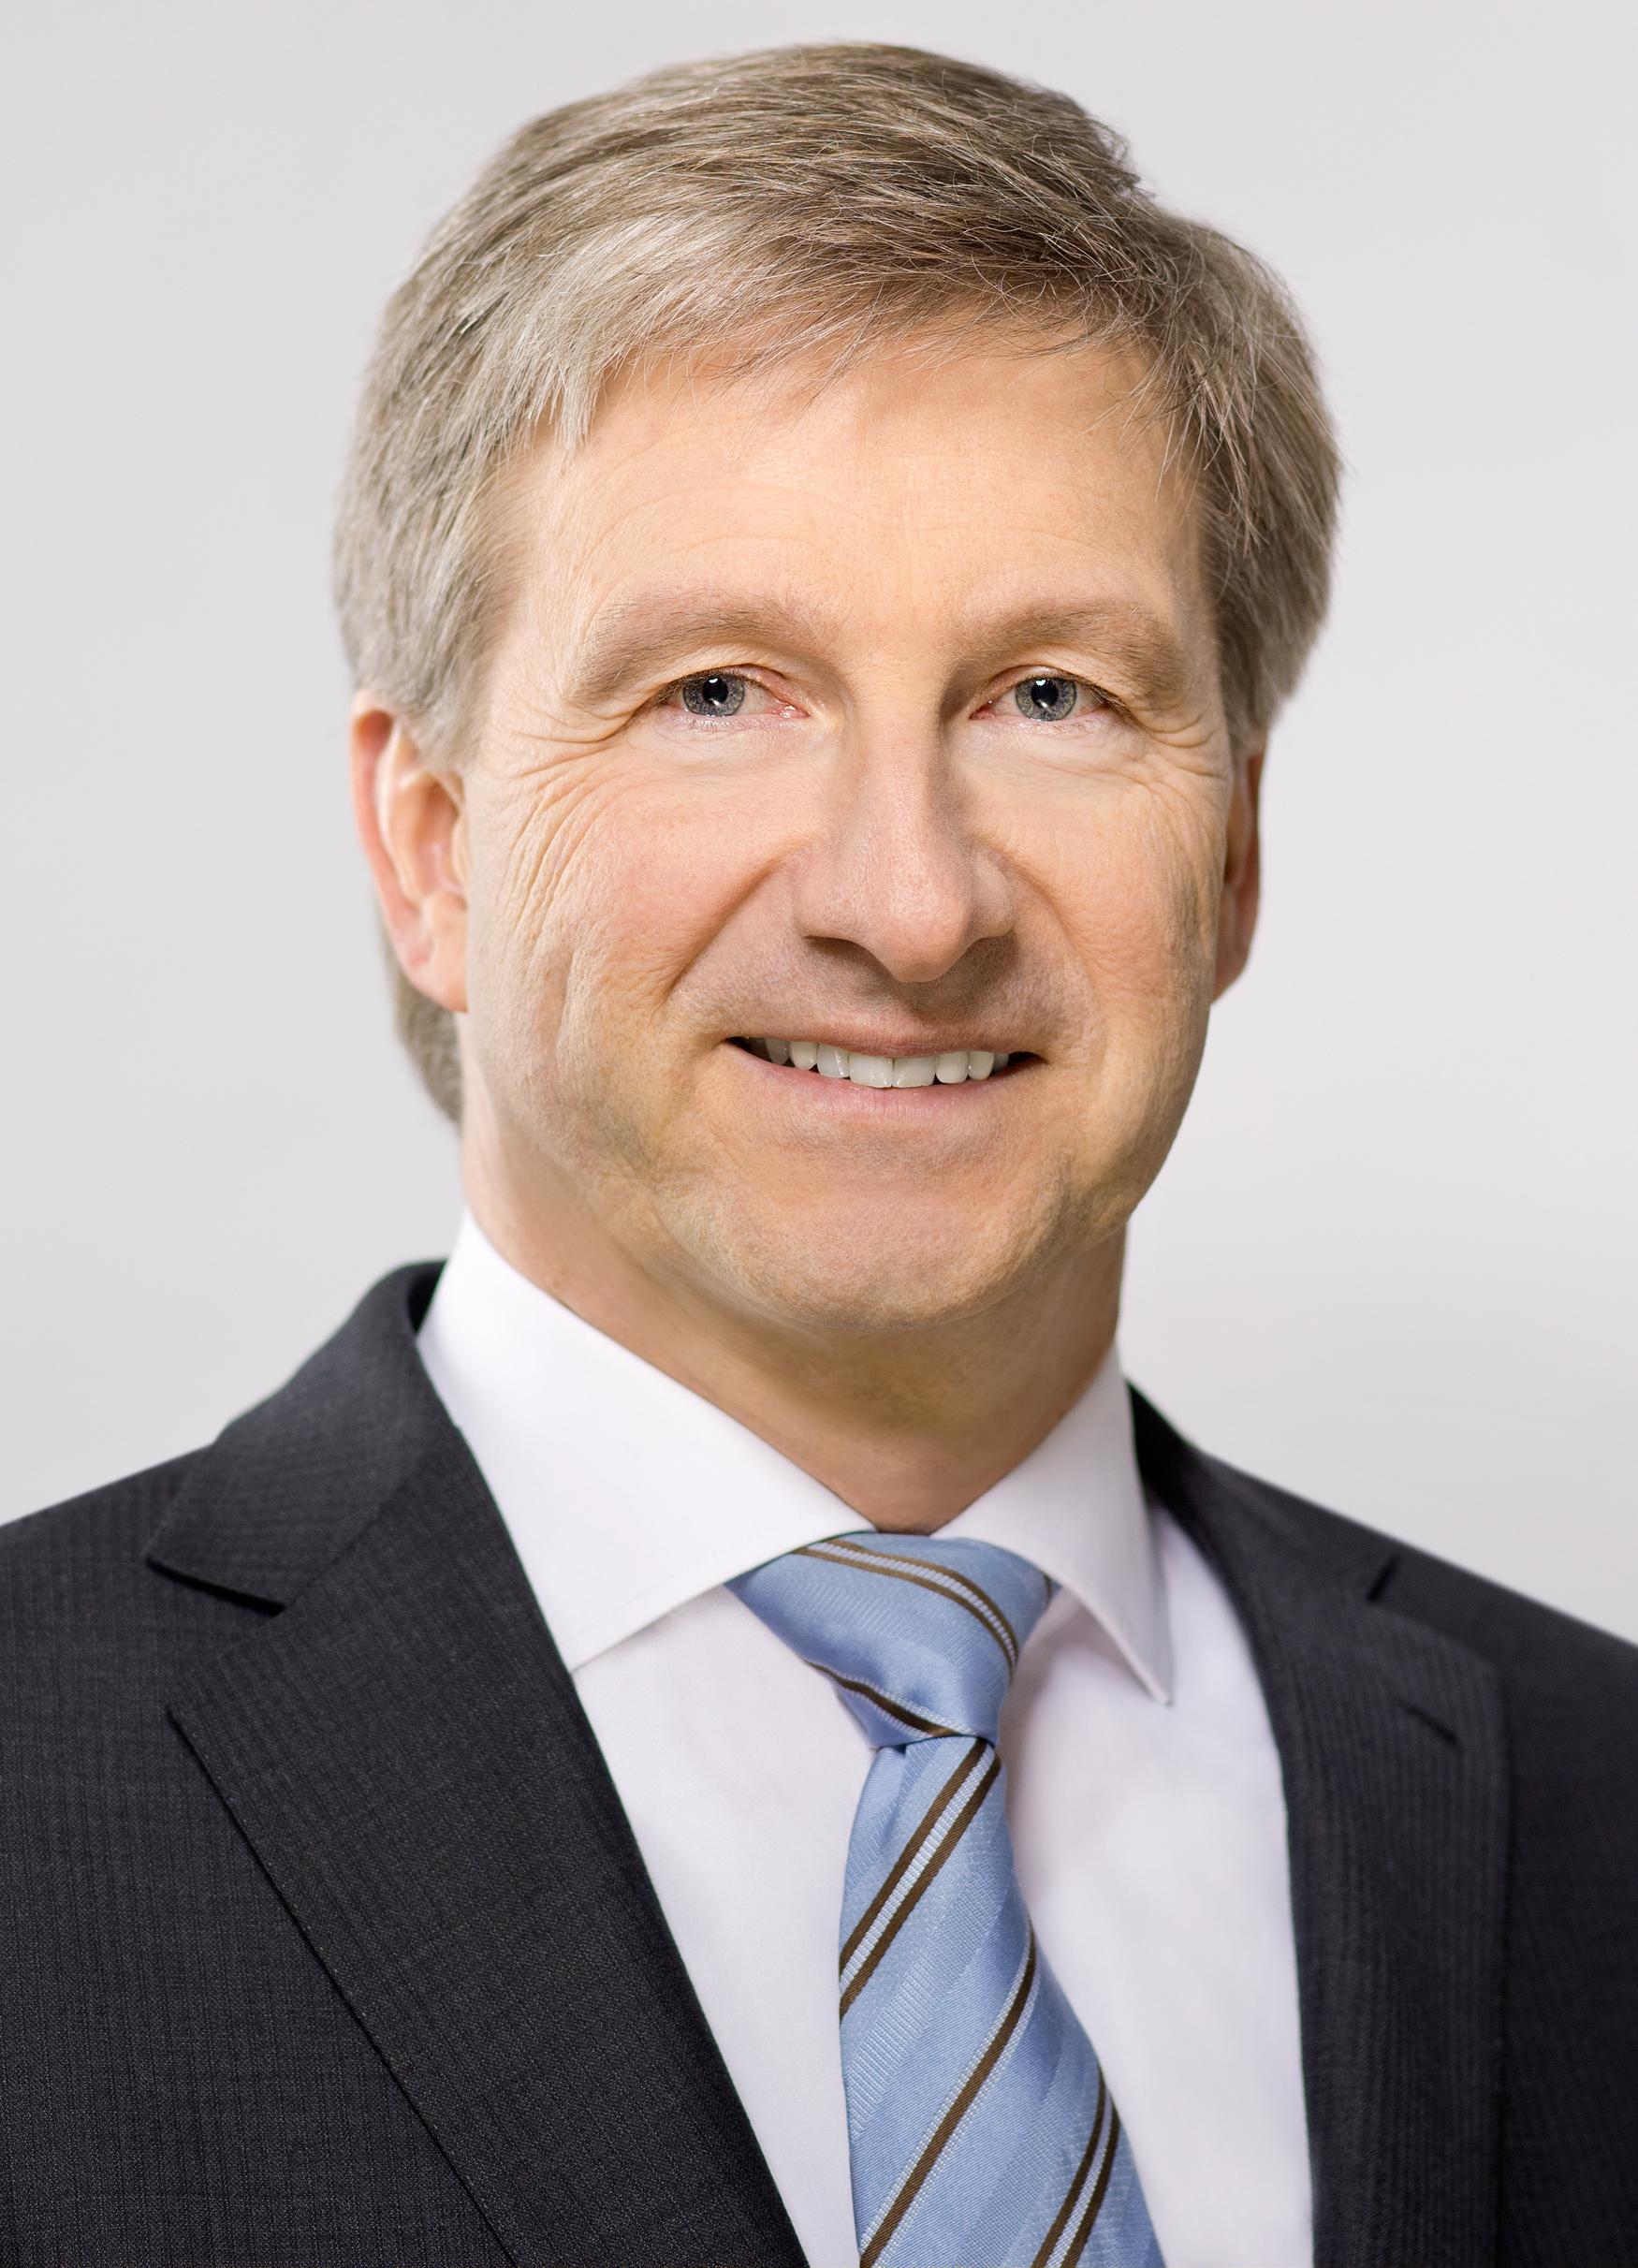 TÜV Süd übernimmt Anbieter für hochsichere Cloud-Lösungen